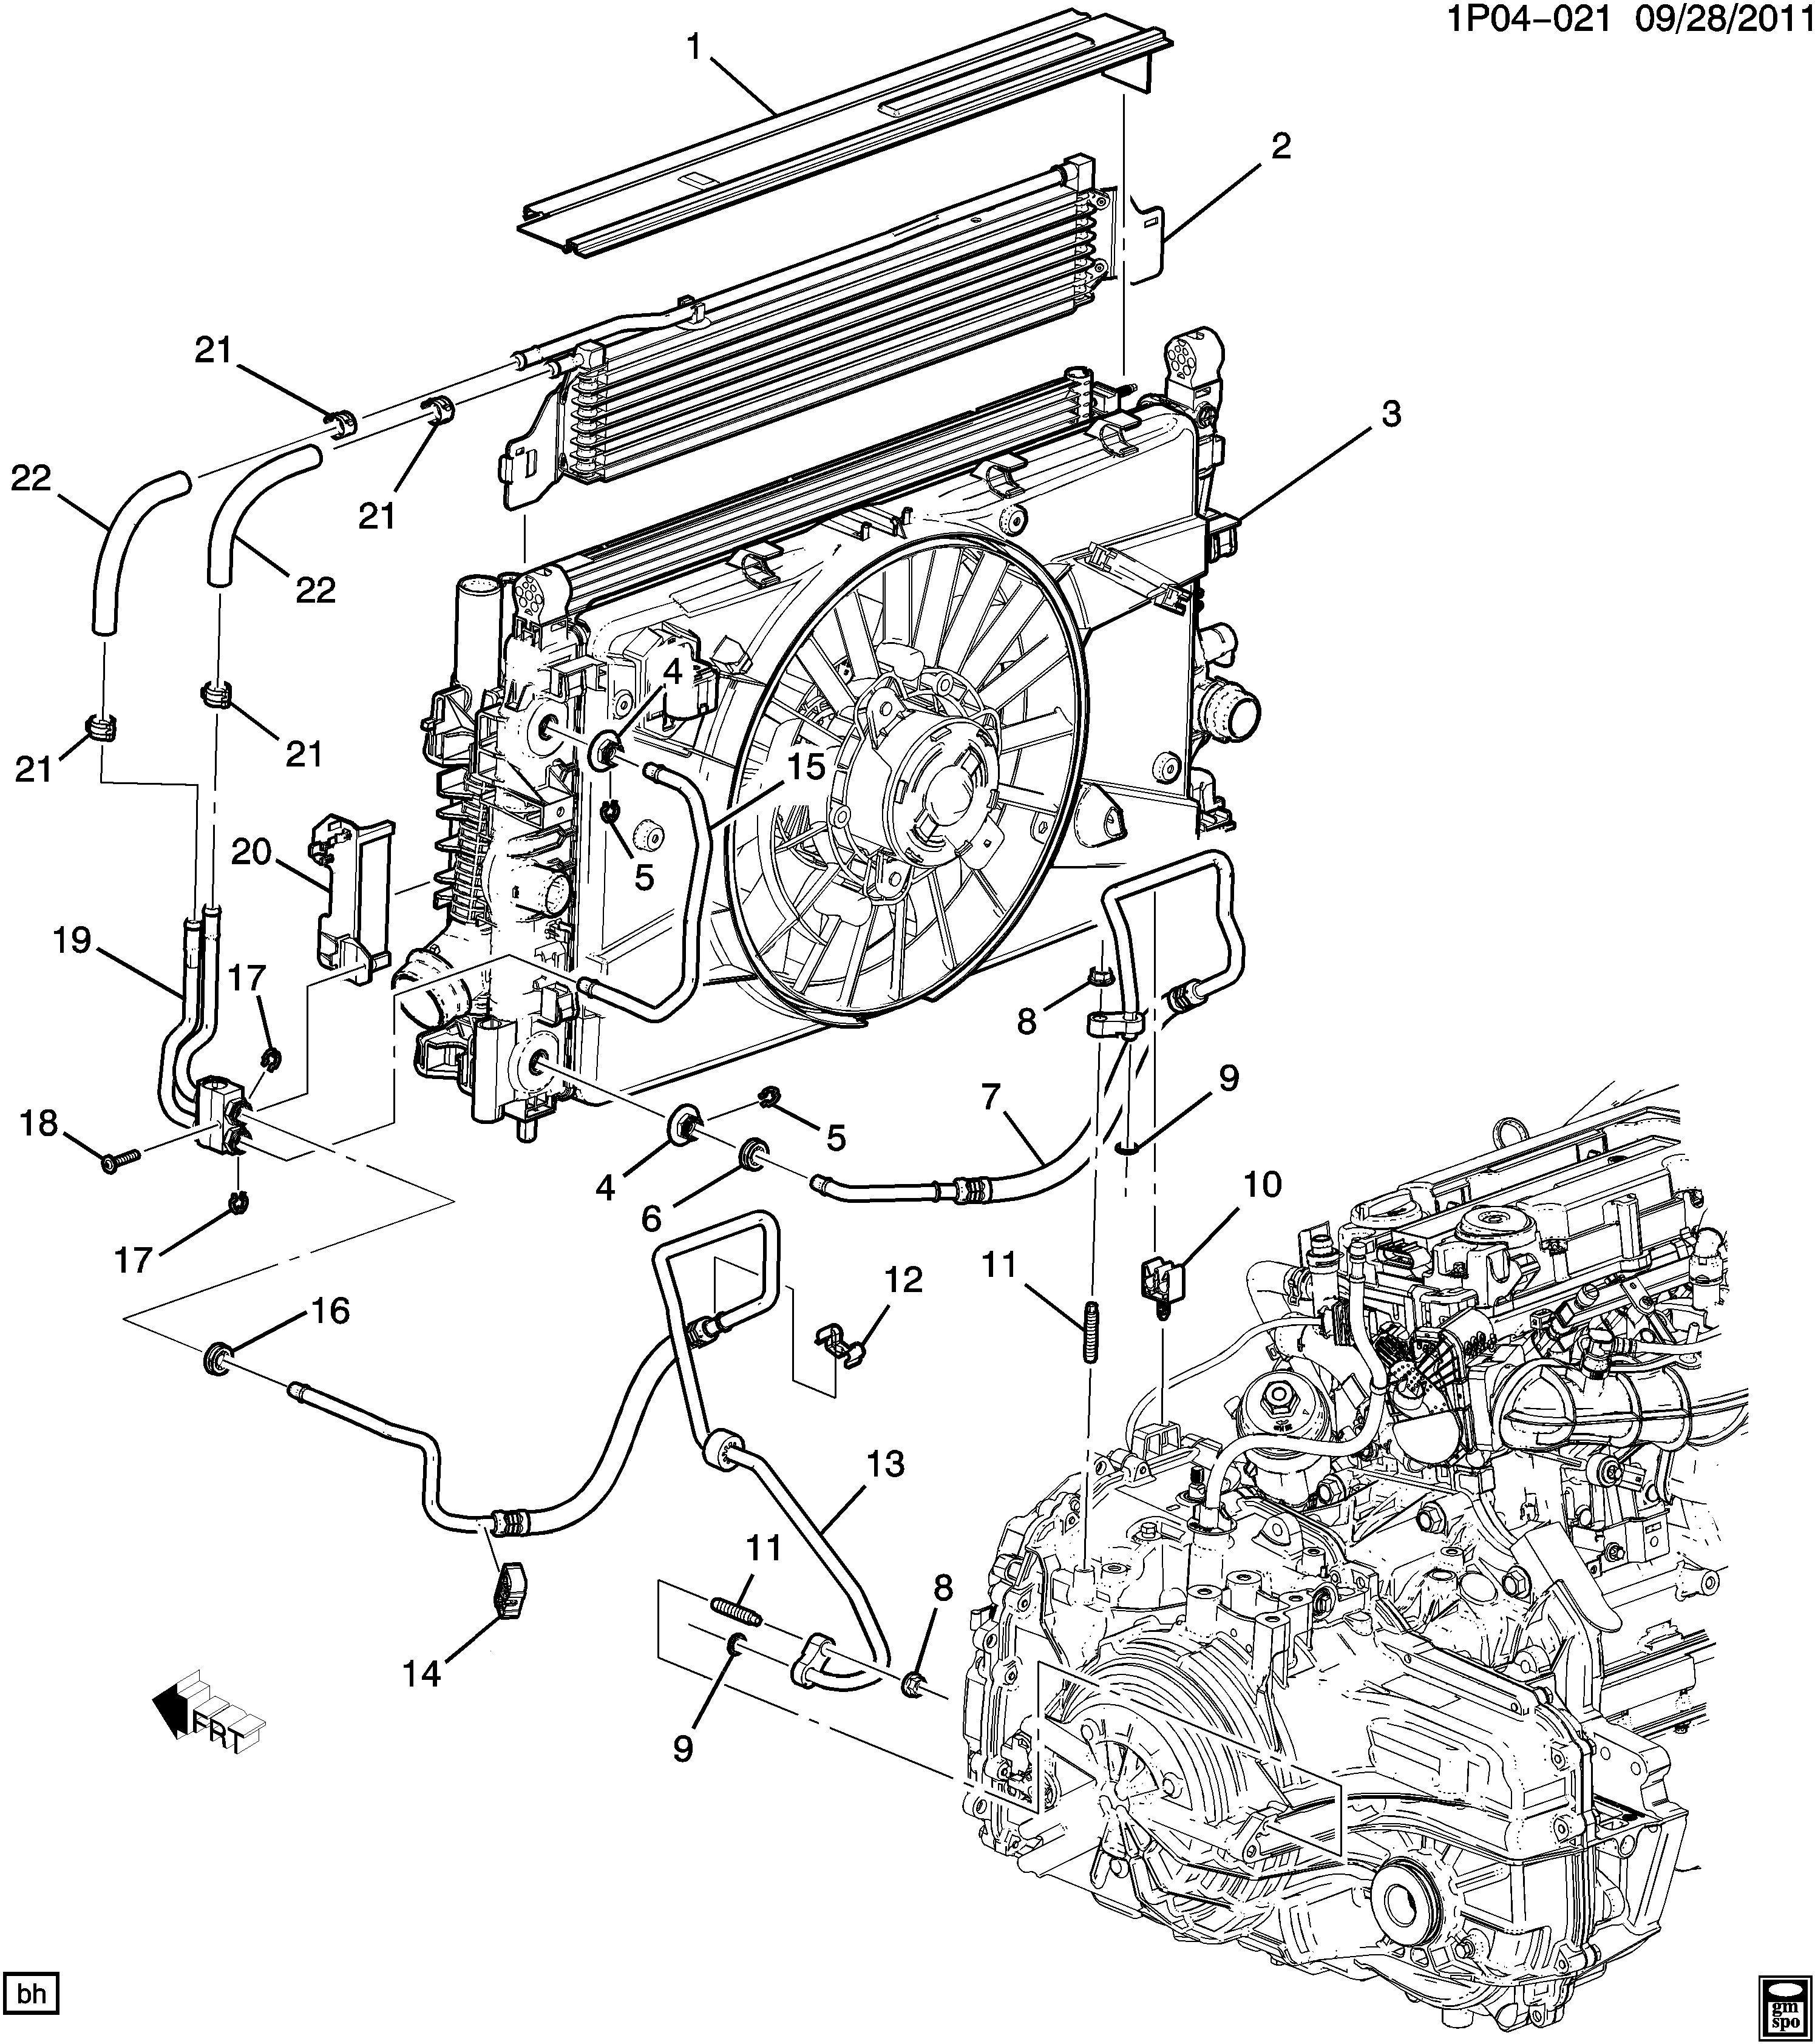 duramax engine ground locations diagram